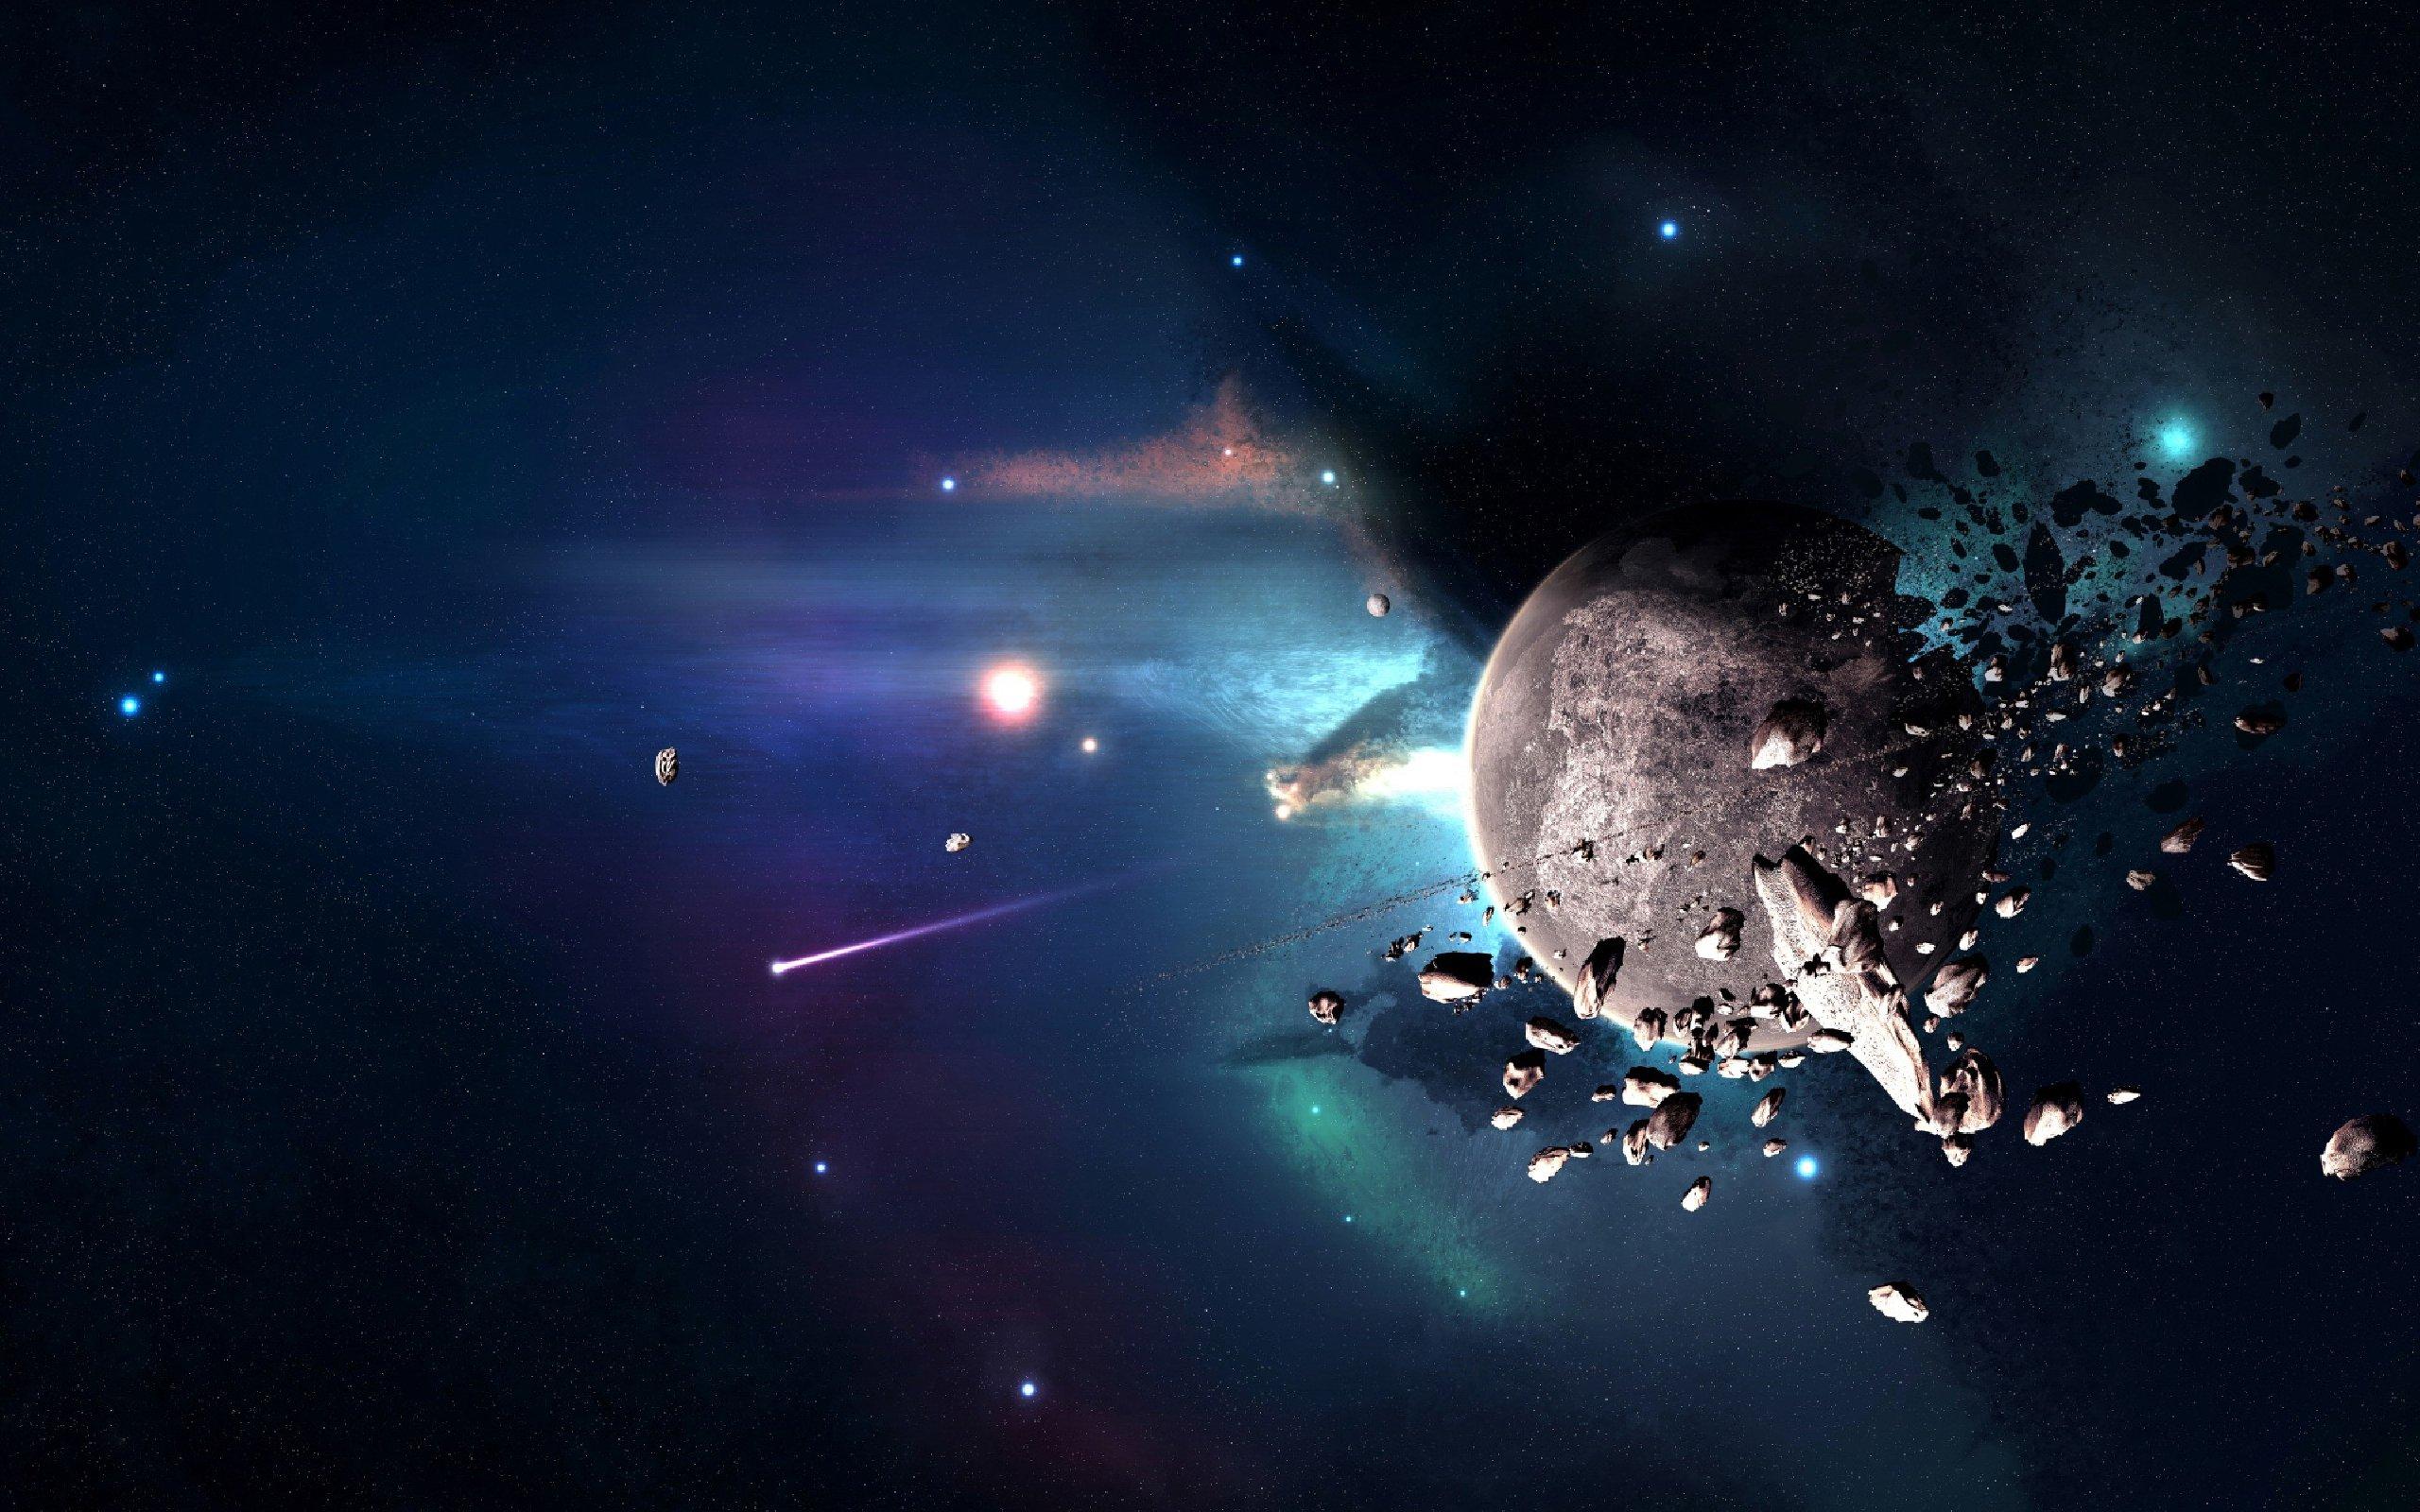 Обои космос вселенная планета картинки на рабочий стол на тему Космос - скачать  № 1955816 без смс